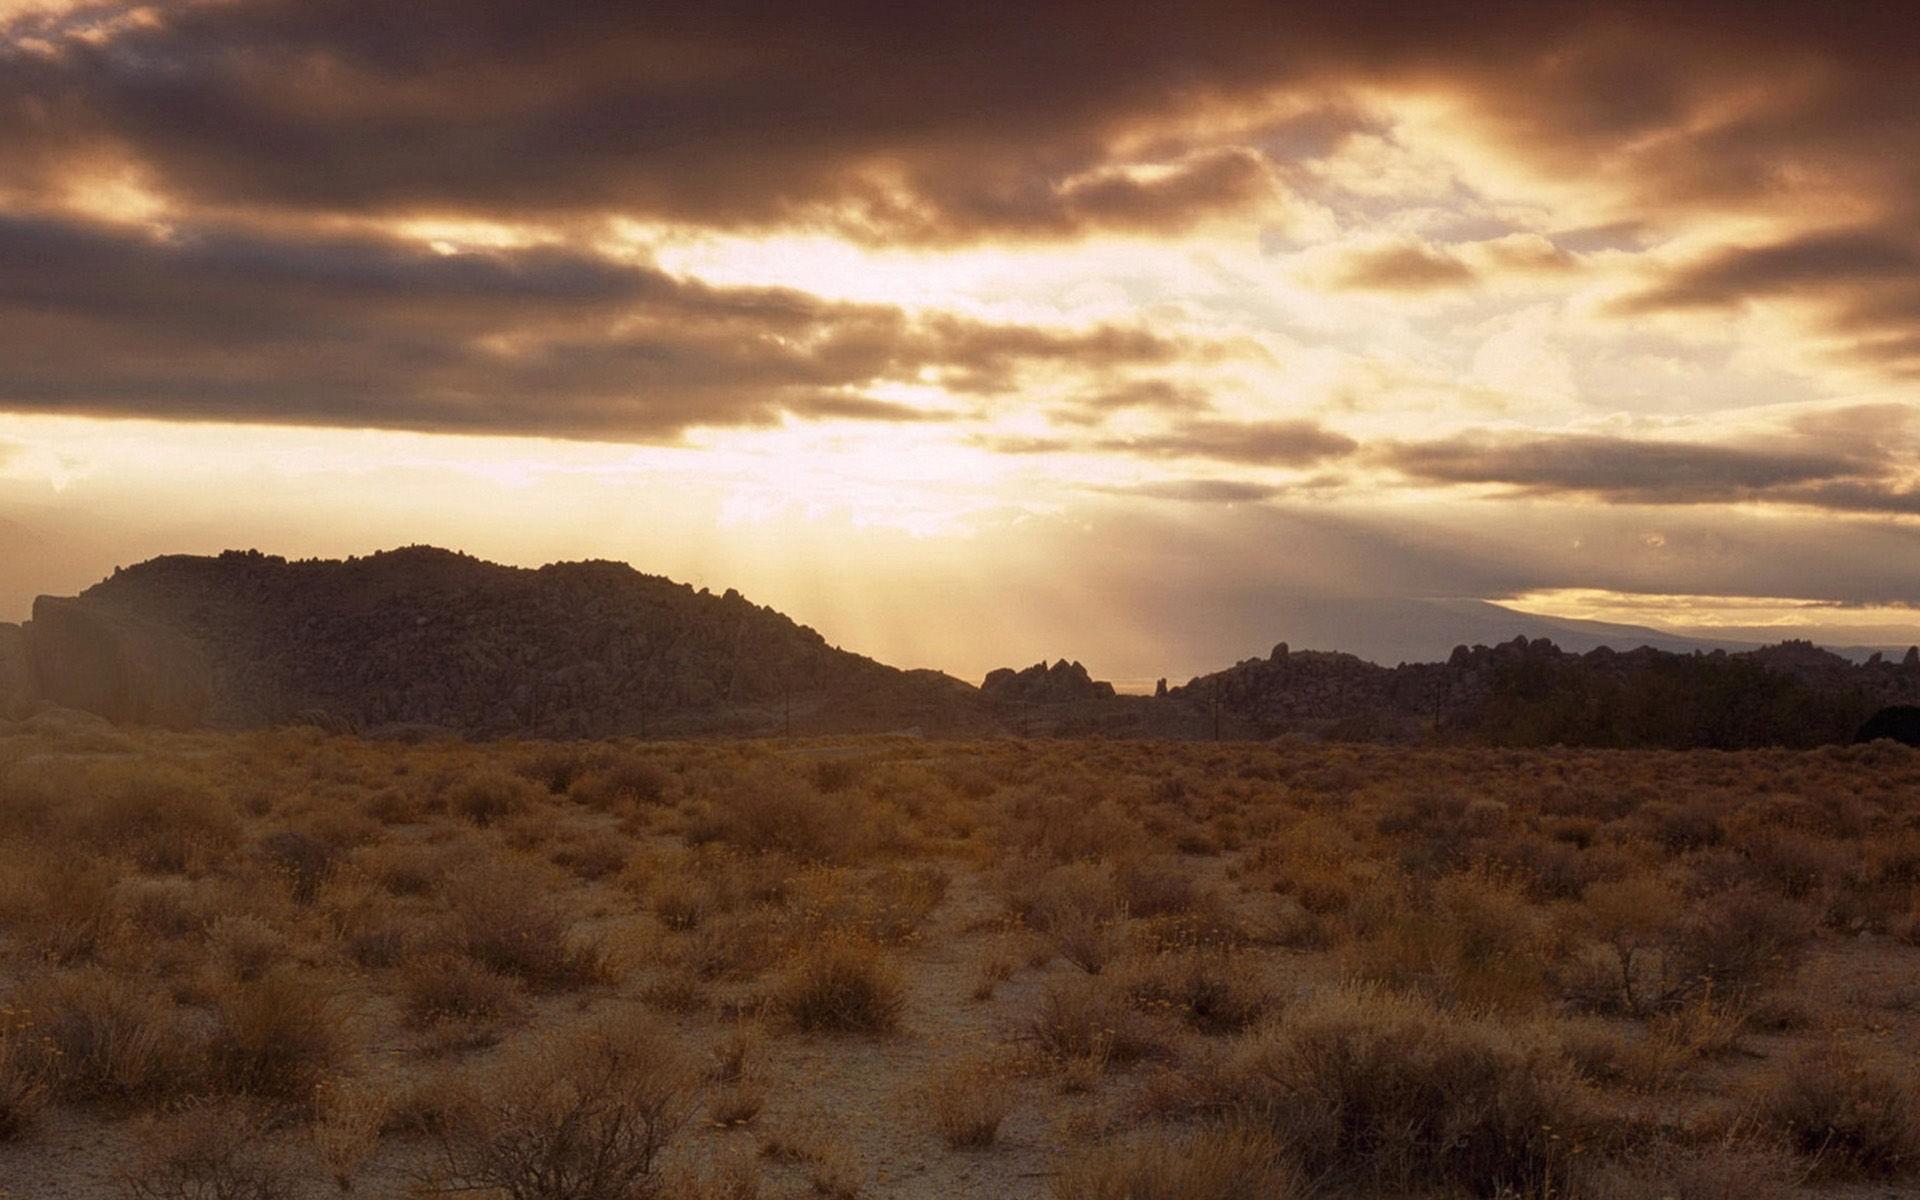 酷熱沙漠黃沙風景桌面壁紙,一望無垠的沙漠極為壯觀!